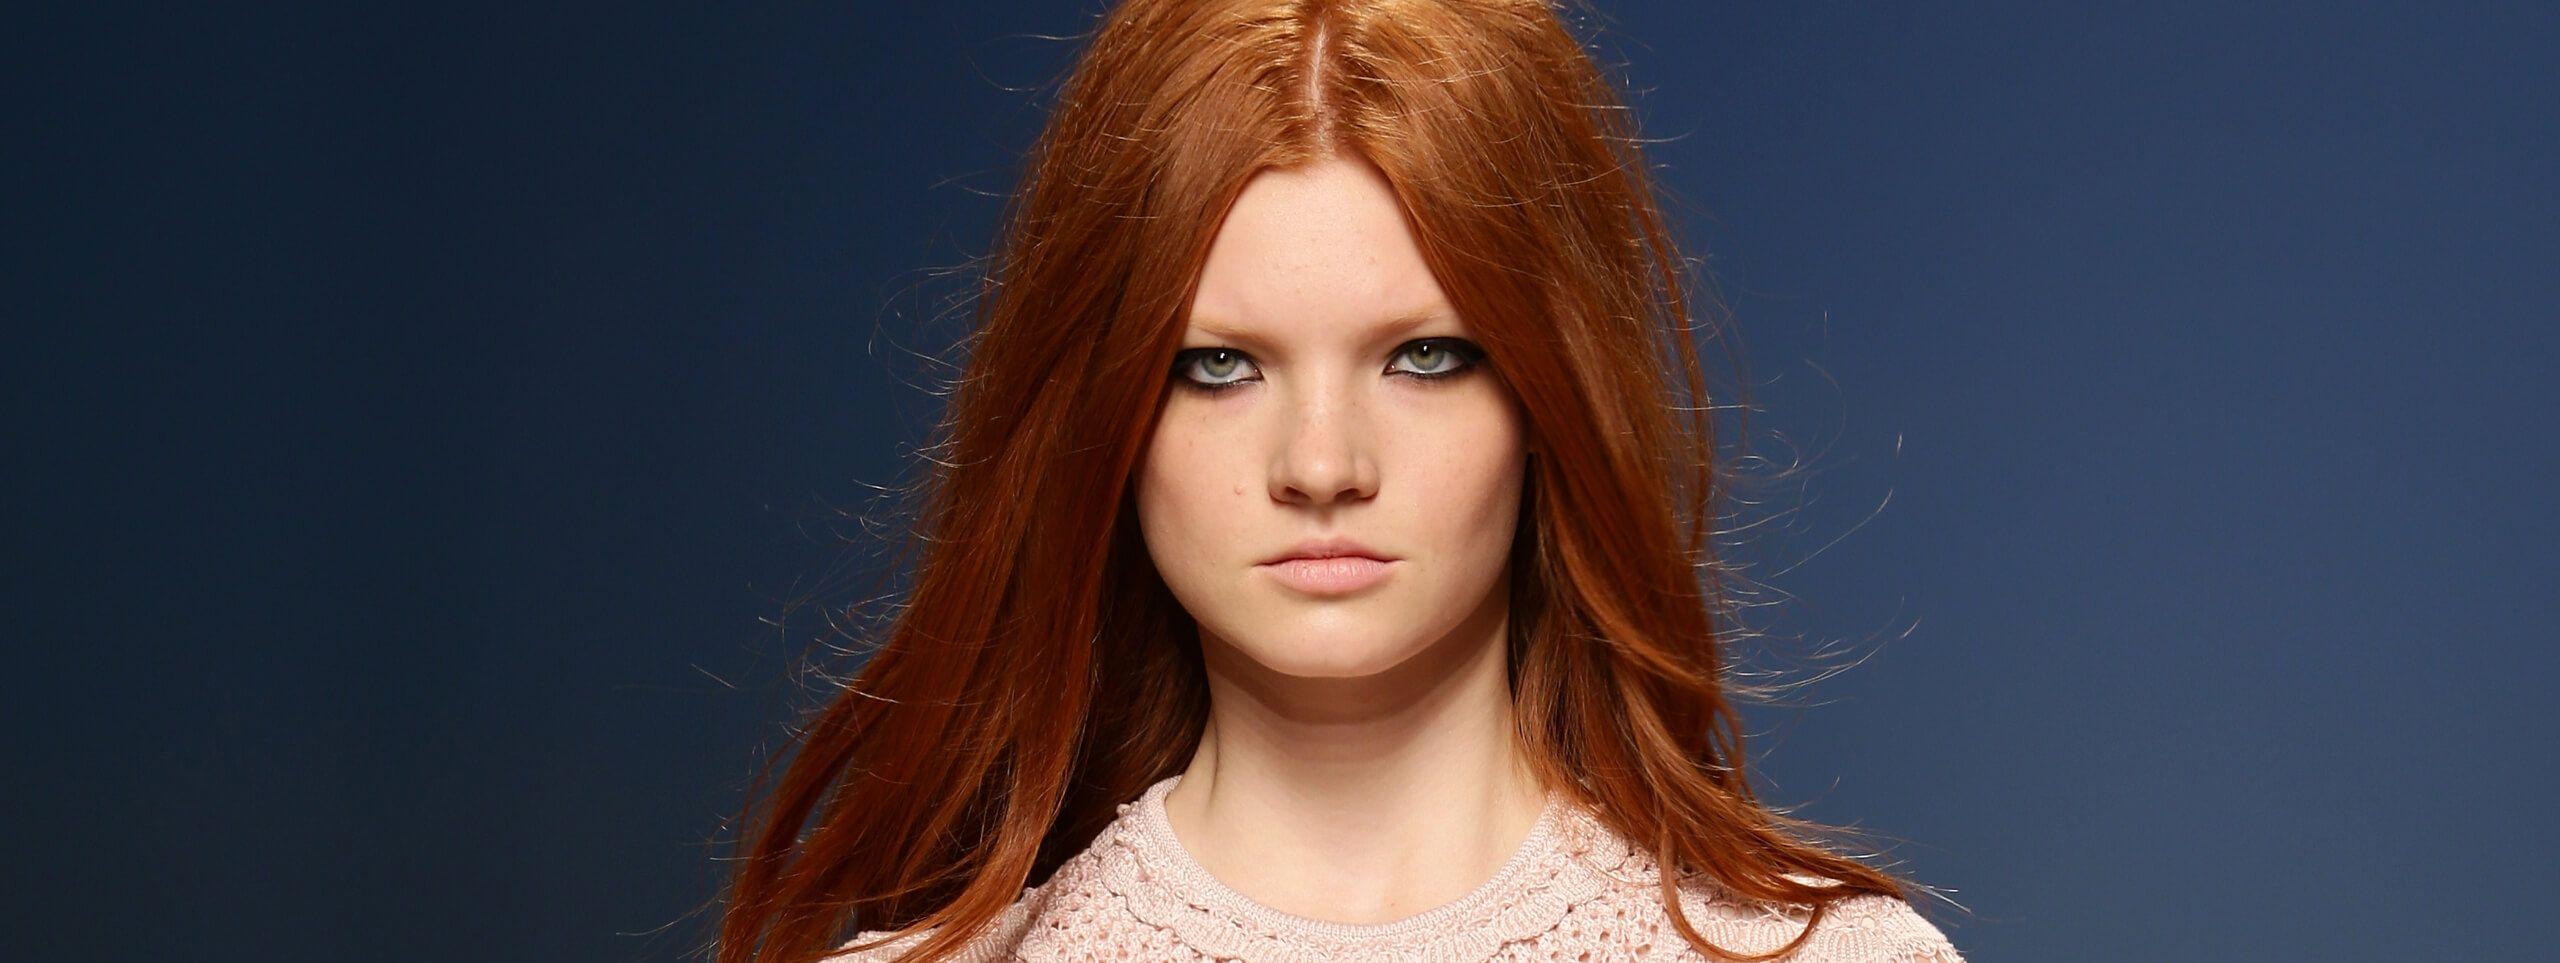 Modella con capelli rossi tendenza tinta